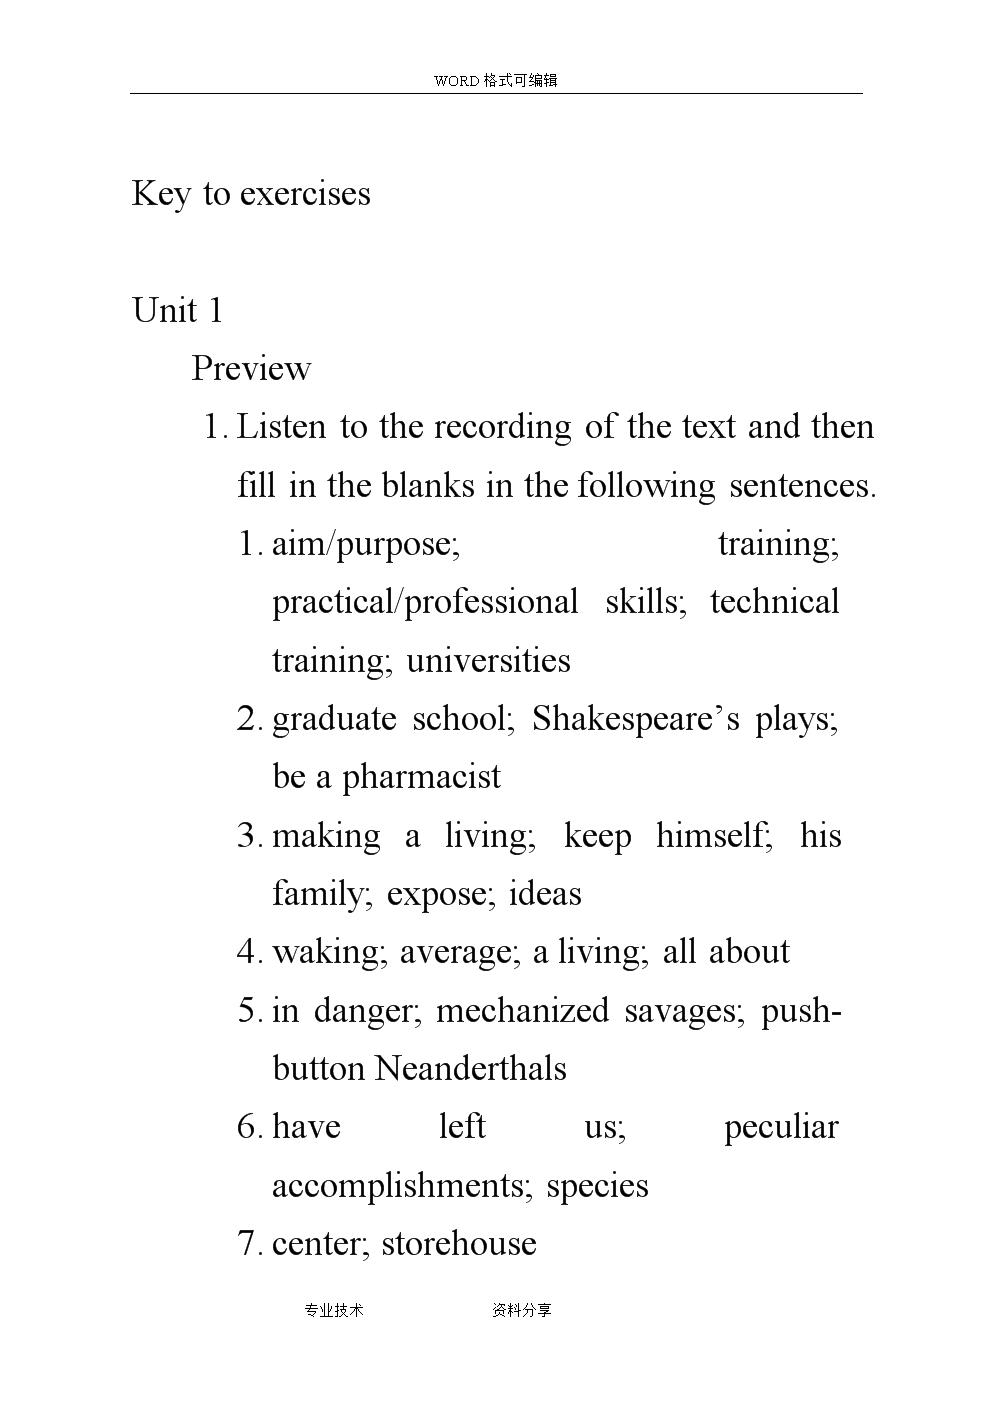 现代大学英语精读2第二版课后答案解析.doc